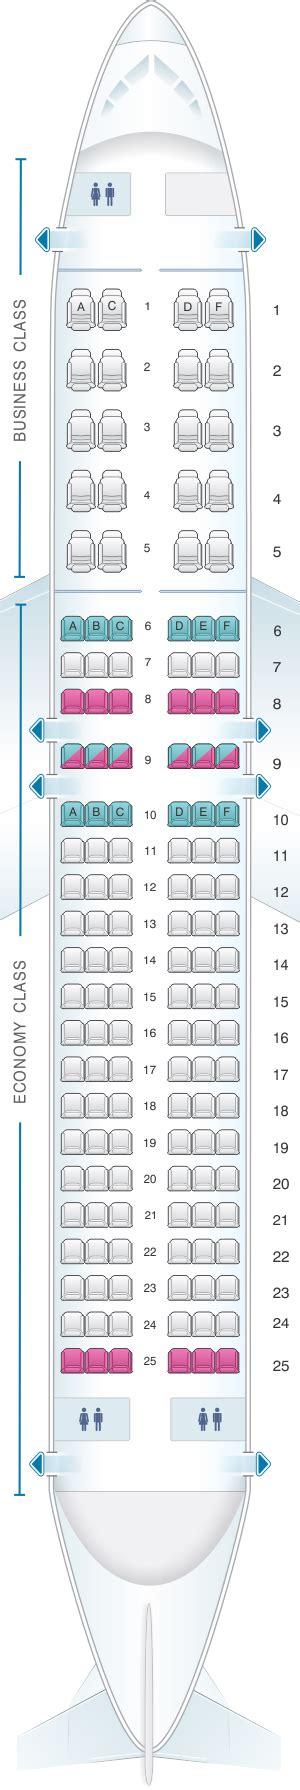 plan des sieges airbus a320 plan de cabine aeroflot airlines airbus a320 200